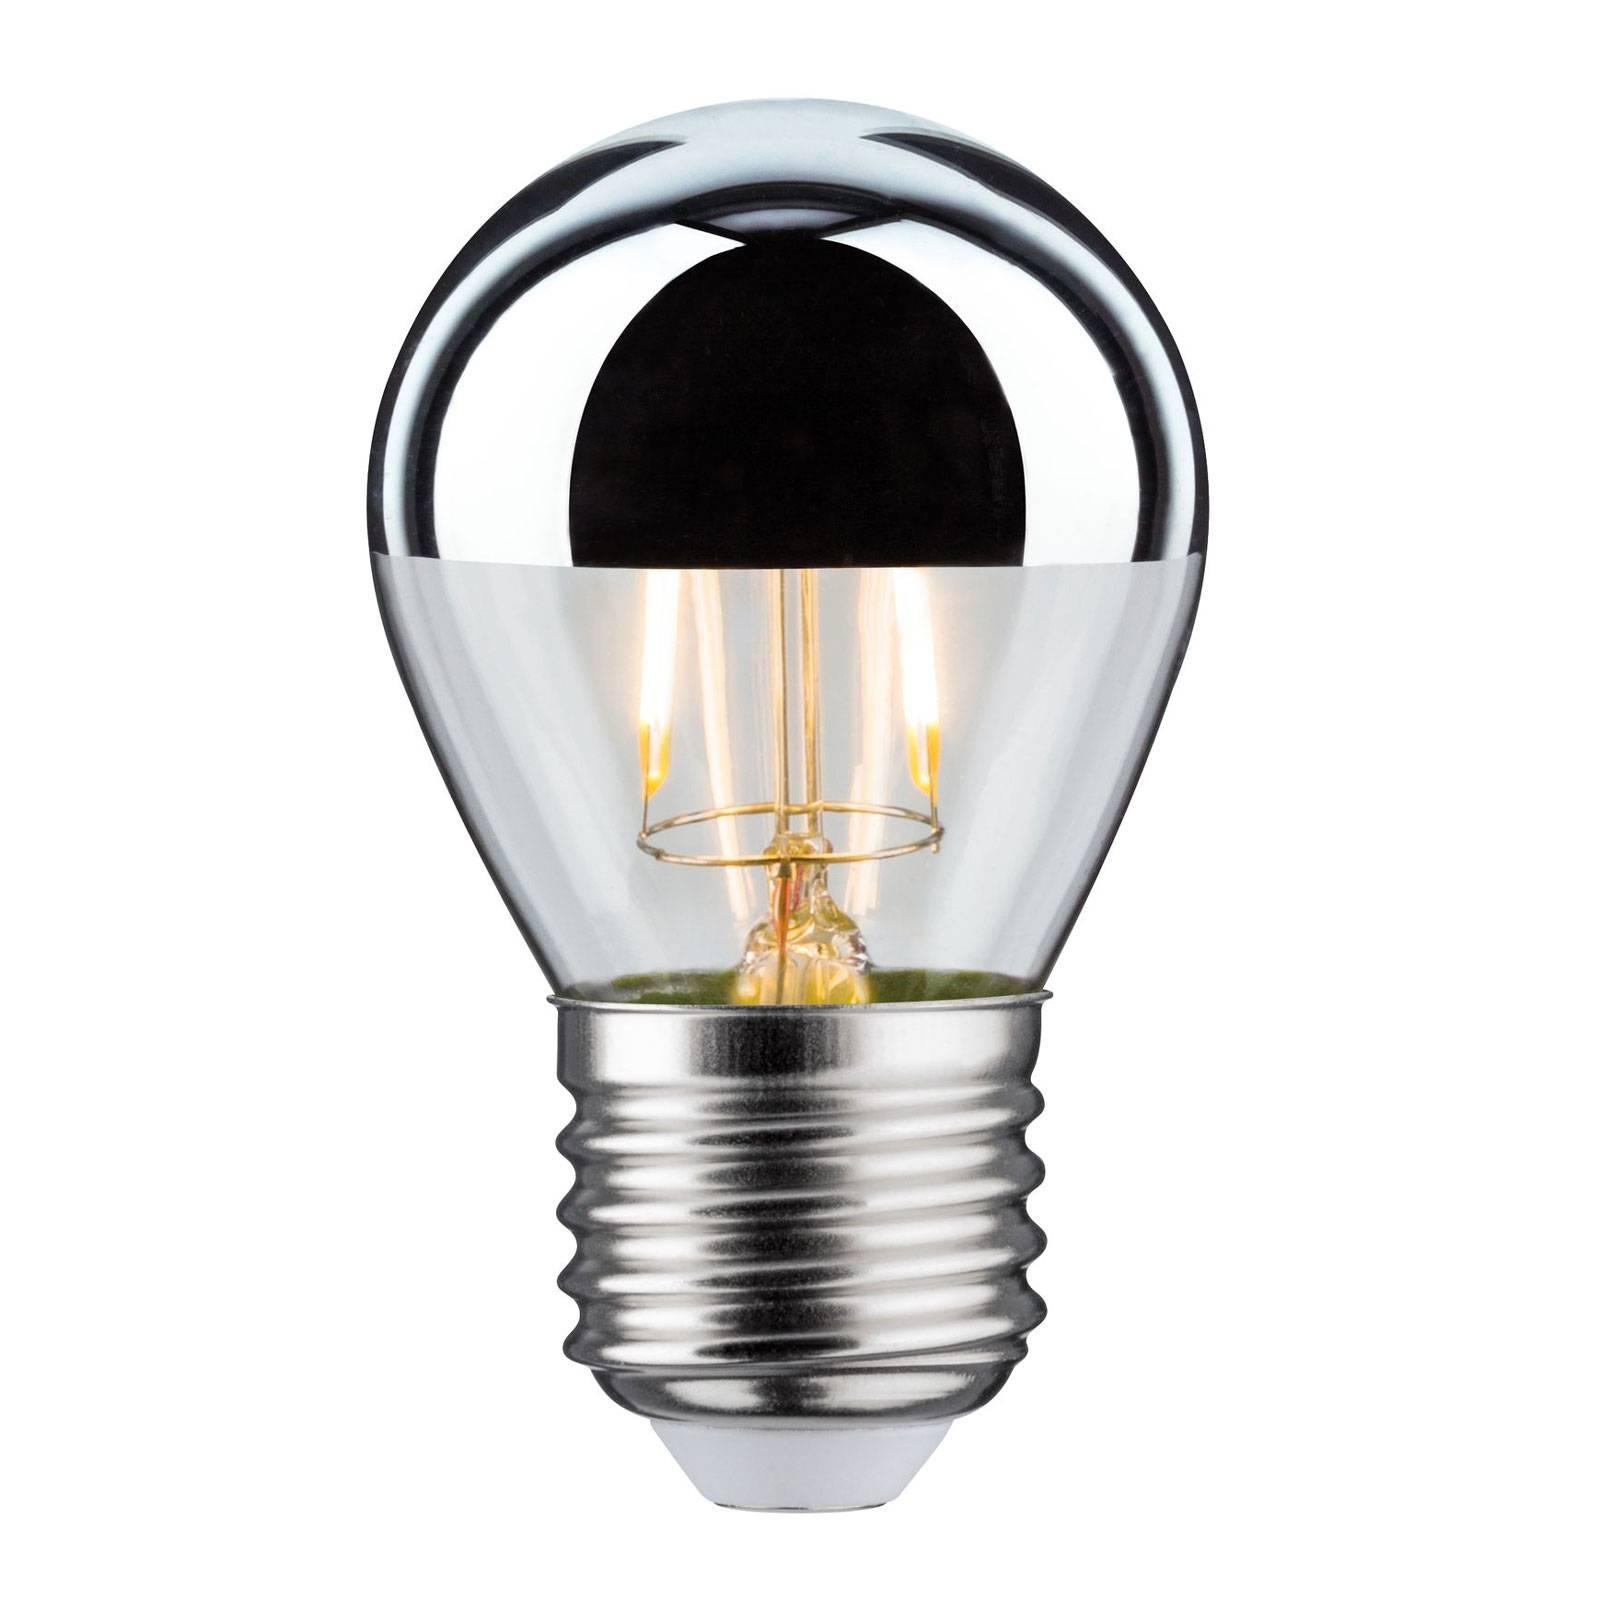 LED-pääpeililamppu E27 pisara 827 hopea 2,6 W